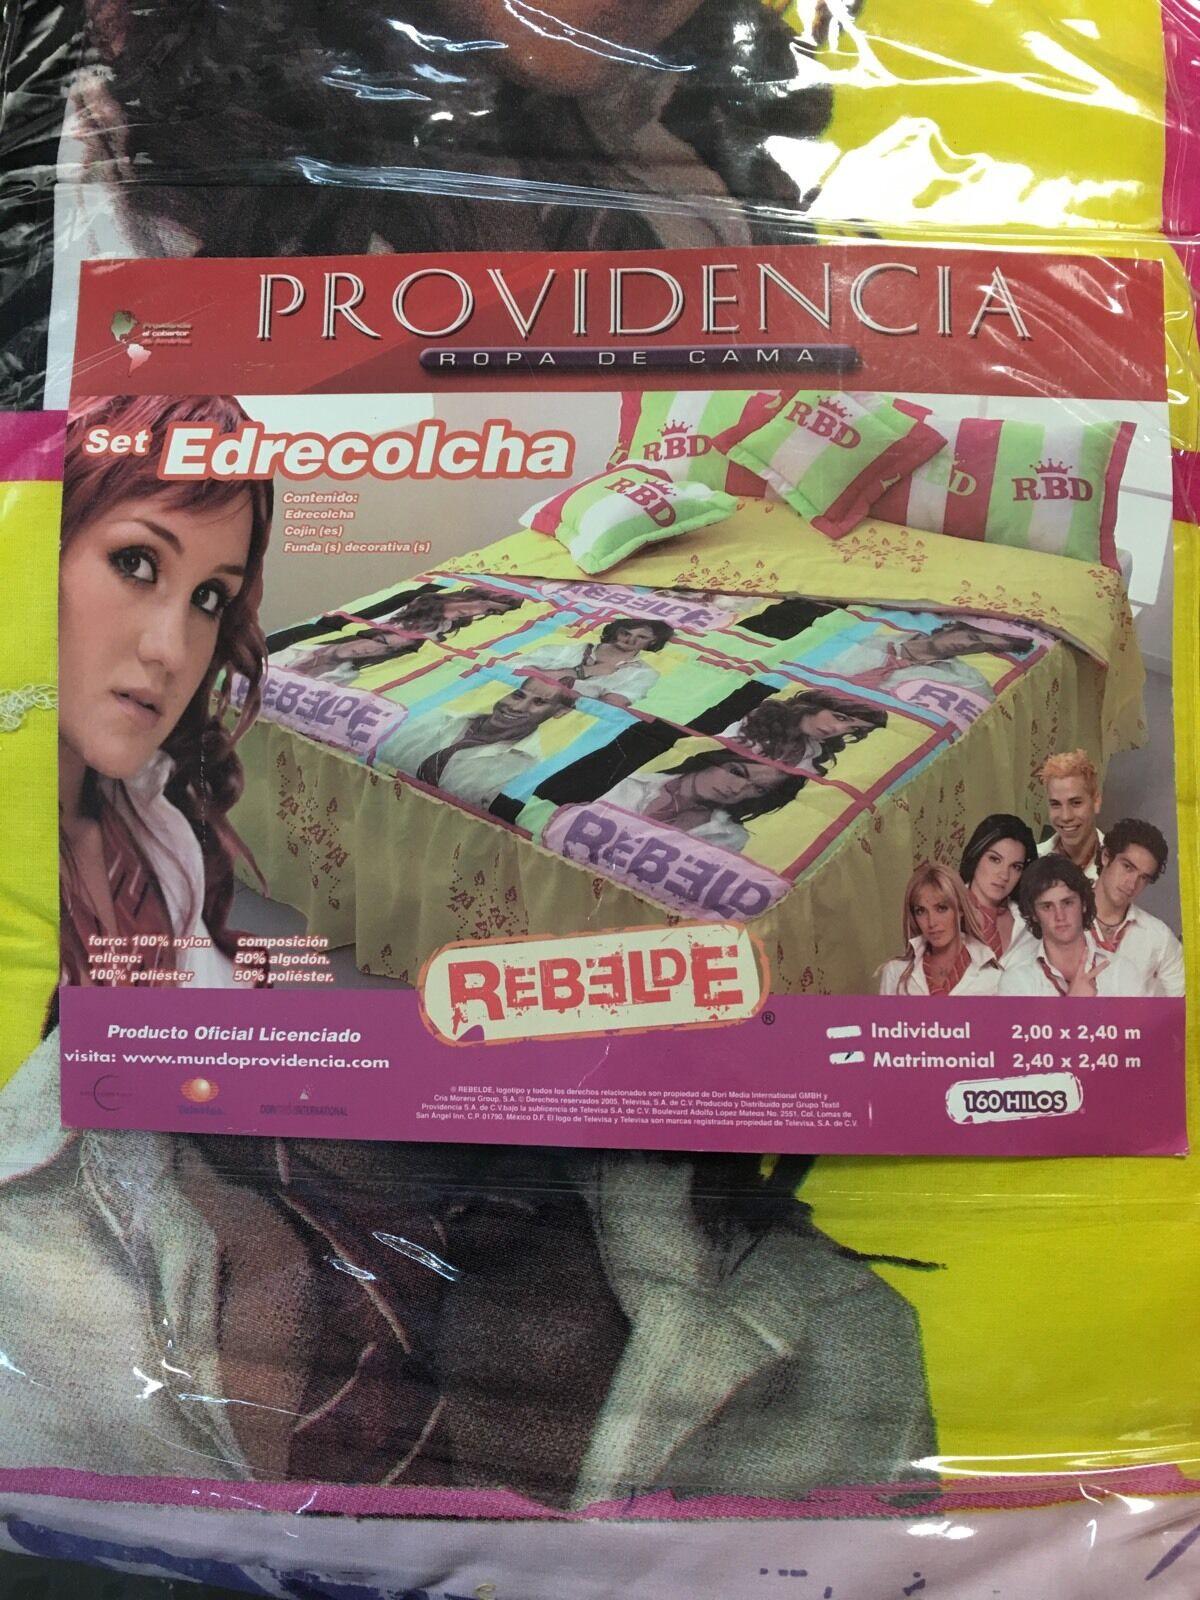 BRAND NEW REBELDE RBD MATRIMONIAL FULL COMFORTER SET EDRECOLCHA 5 PIECES